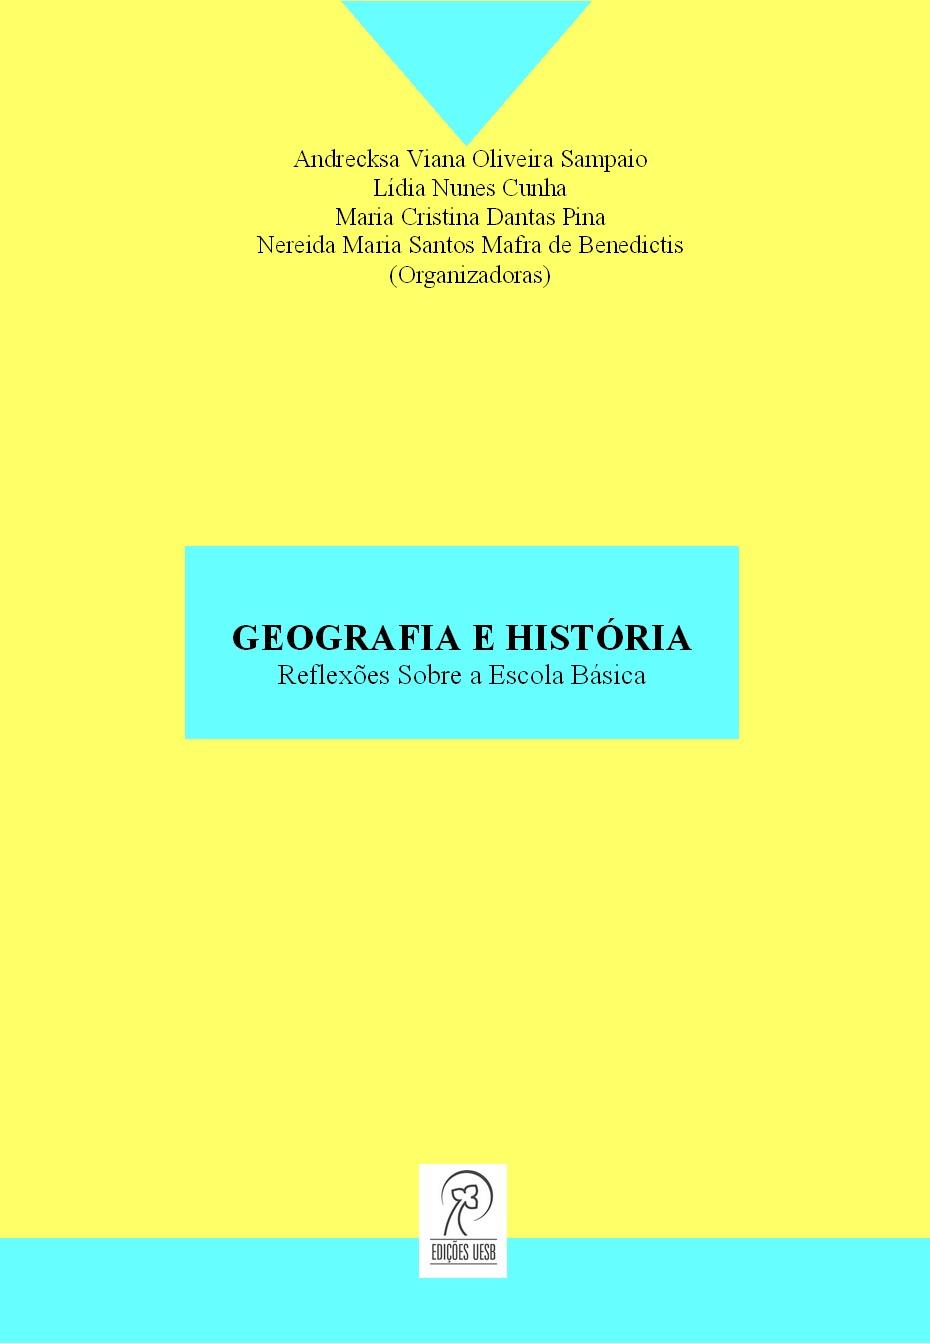 Geografia e história: reflexões sobre a escola